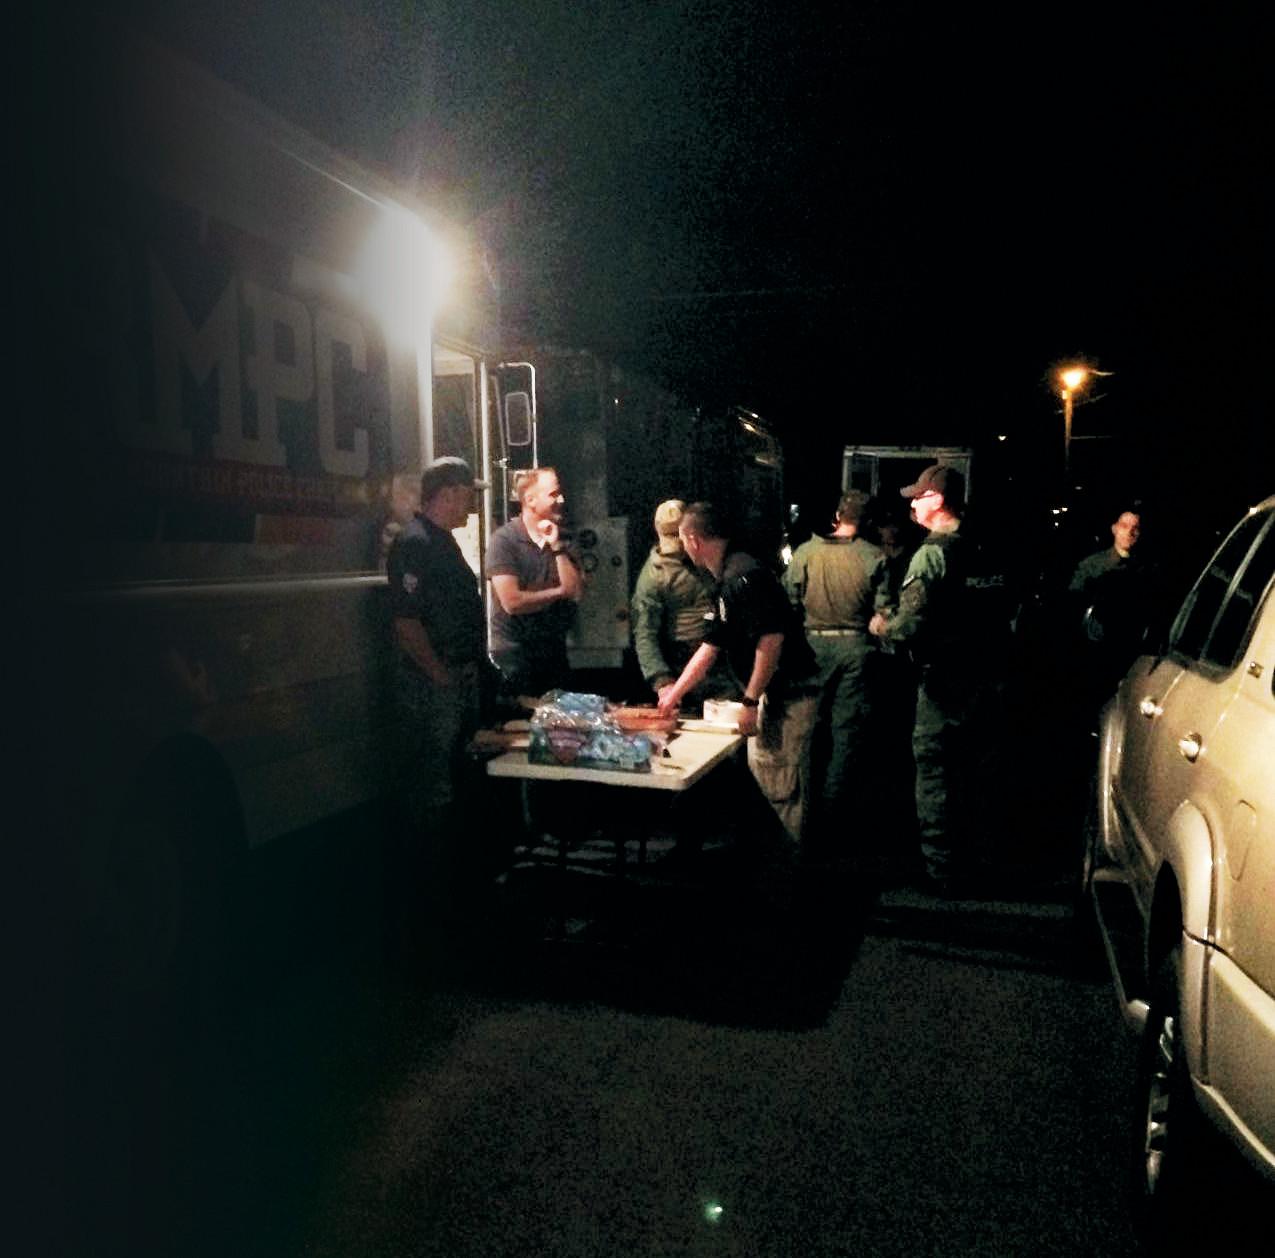 Denver-area Chaplains Provide Different Kind Of Police